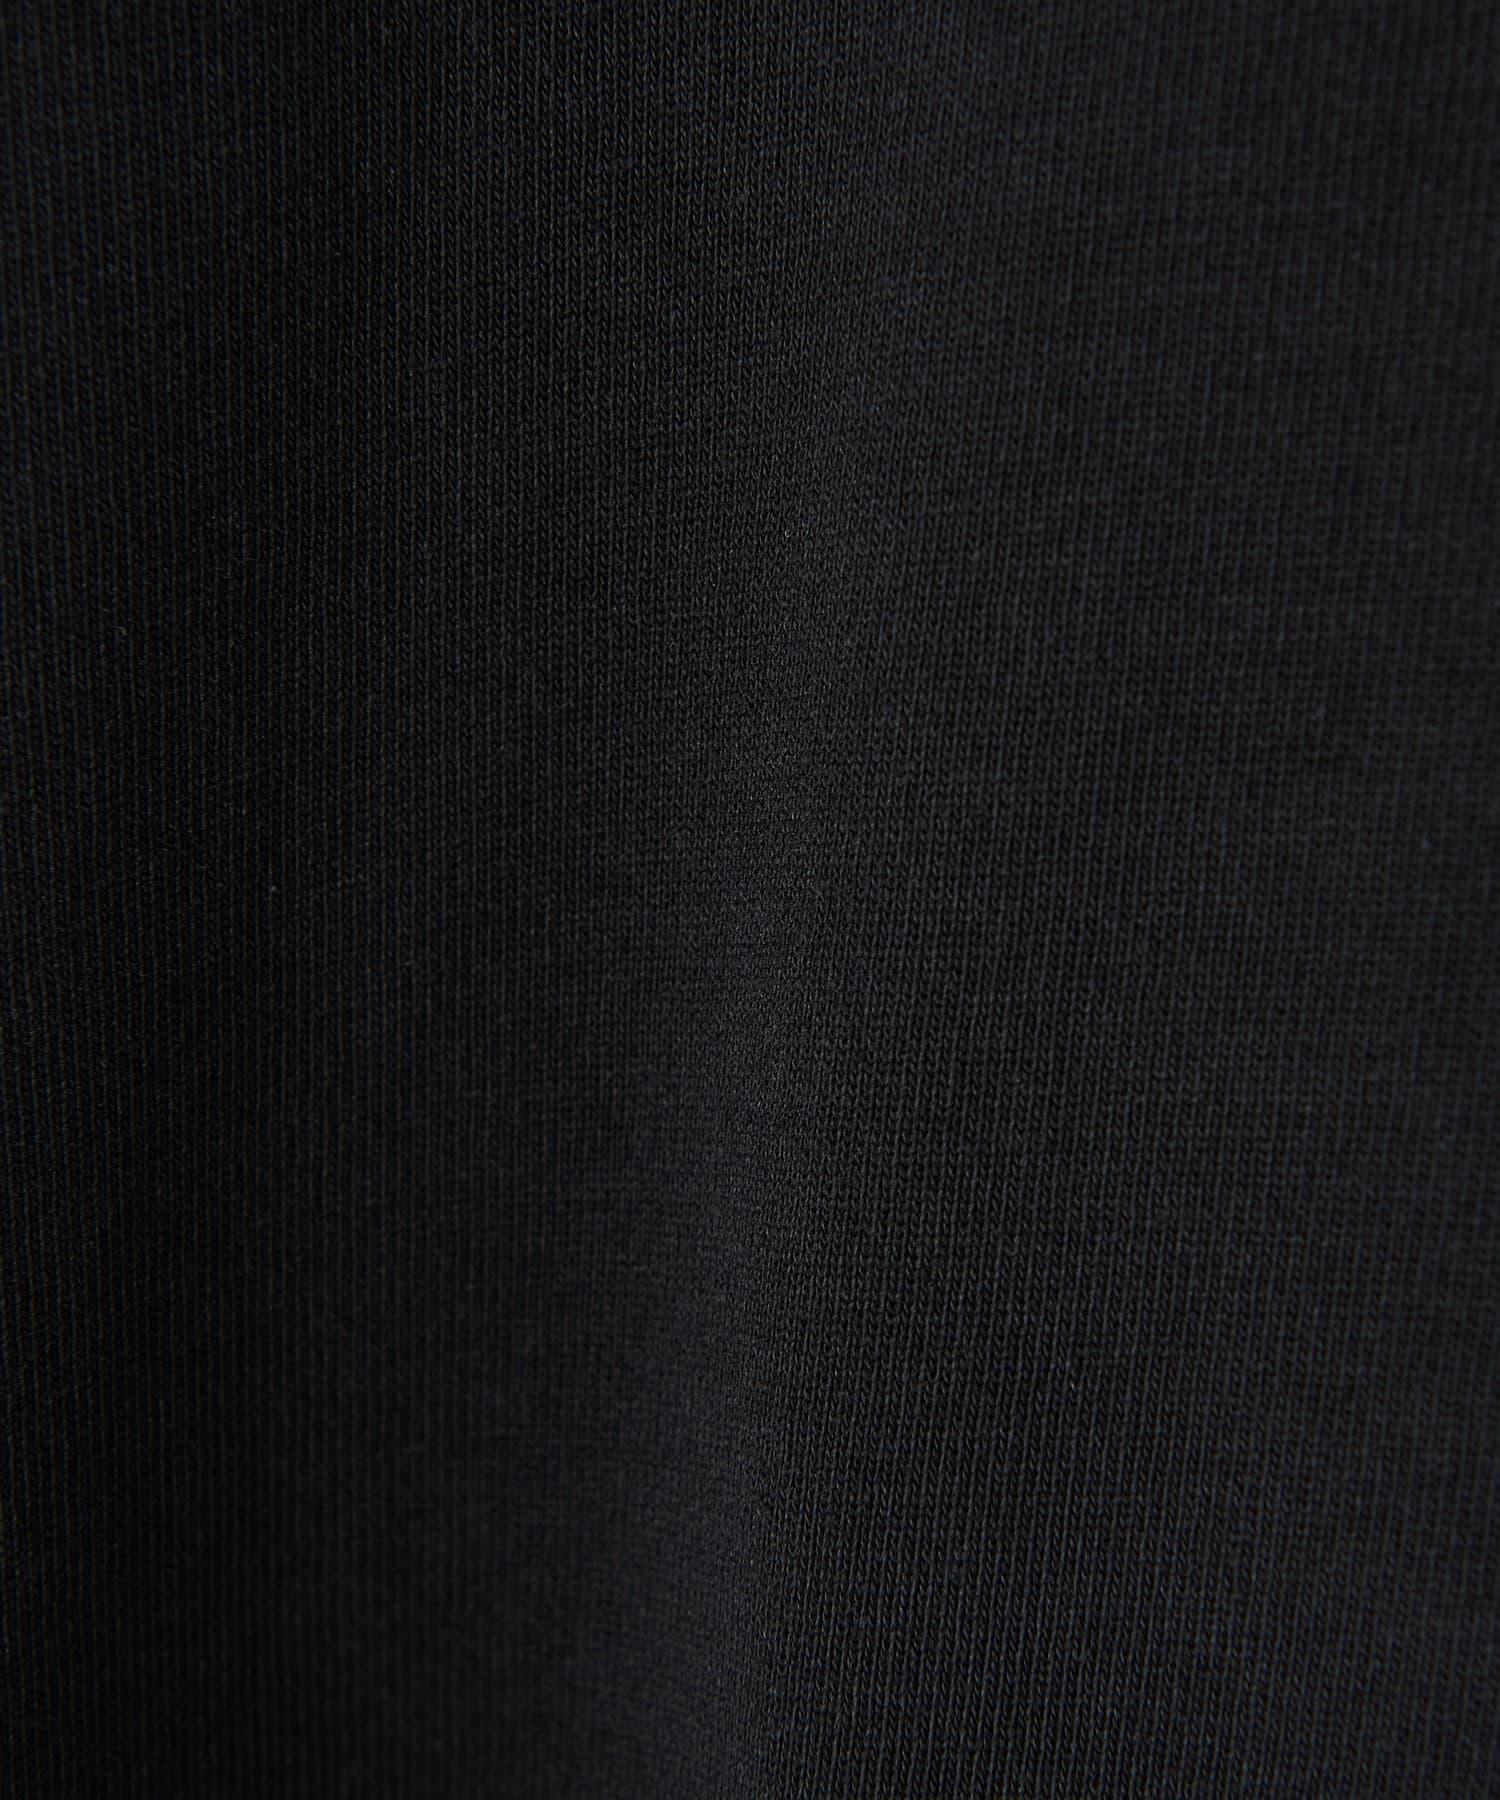 CIAOPANIC(チャオパニック) スリット入りデラヴェハイネックロングスリーブTシャツ